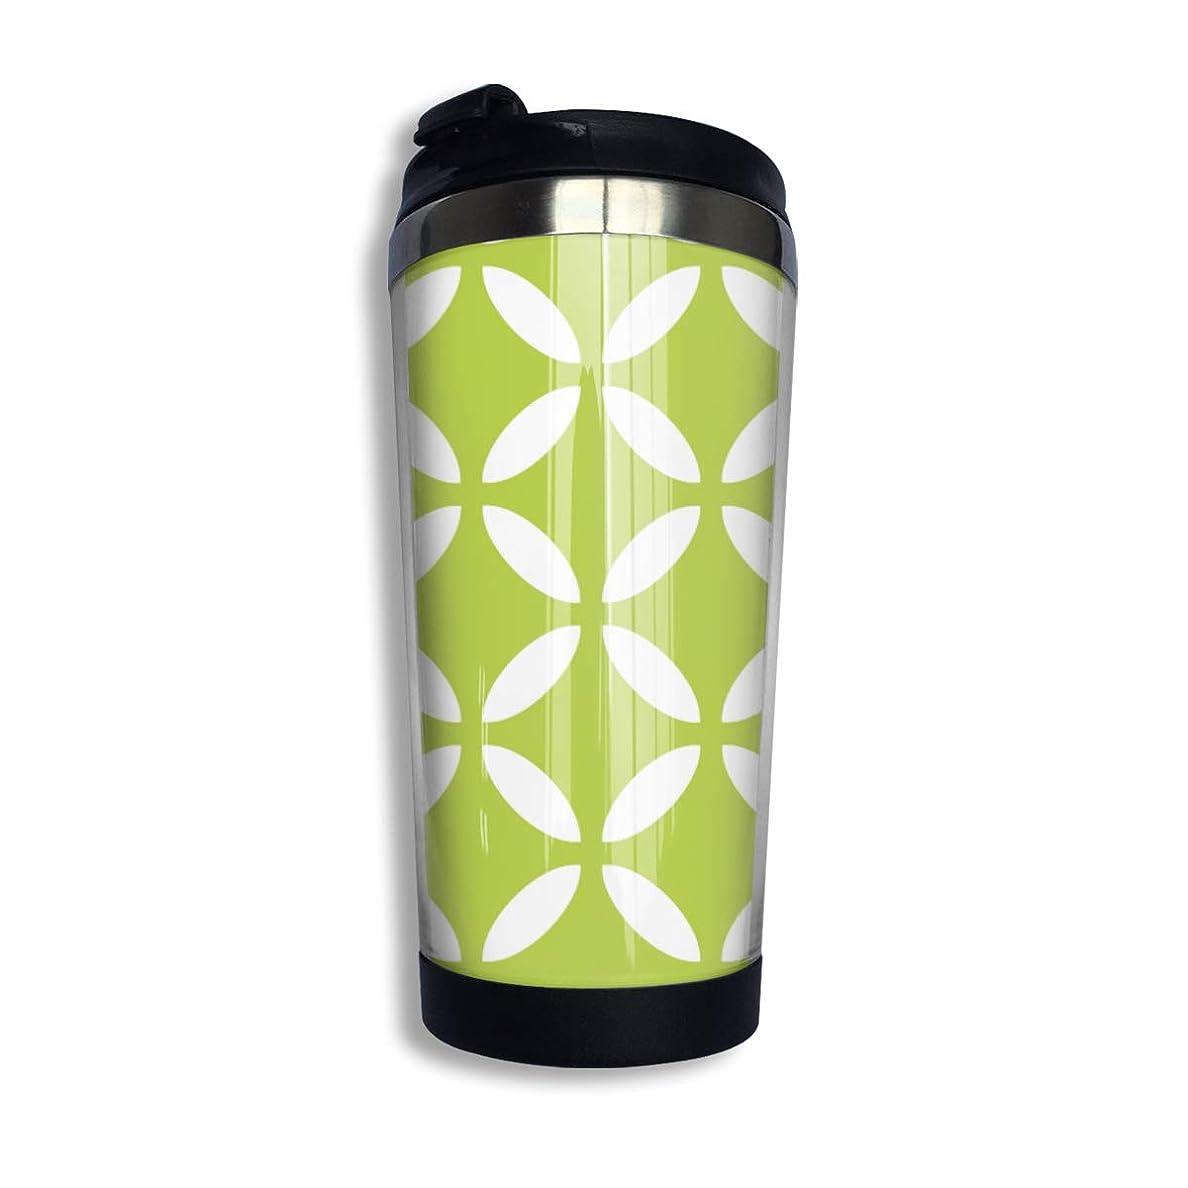 疑わしい必要性ひまわりMilicamp マグボトル 水筒 直飲み 魔法瓶 400ml ステンレスマグボトル 保温 カップ おしゃれ ライムグリーンの屋外 コーヒー コップ 蓋付き 真空断熱タンブラー ステンレスボトル オフィス ギフト 贈り物